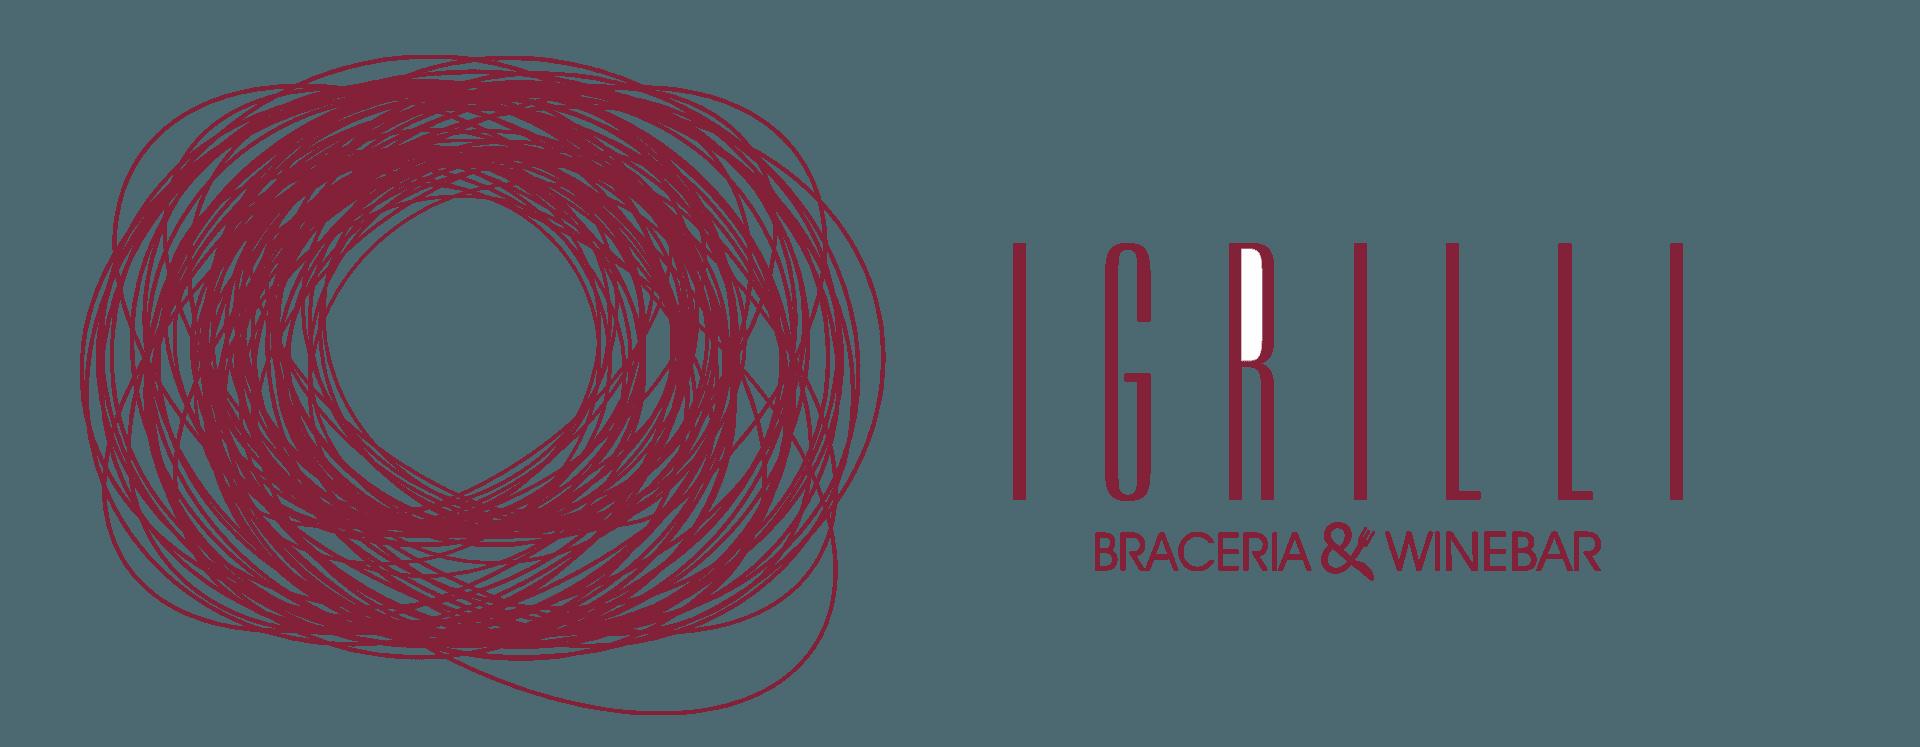 BRACERIA I GRILLI - LOGO